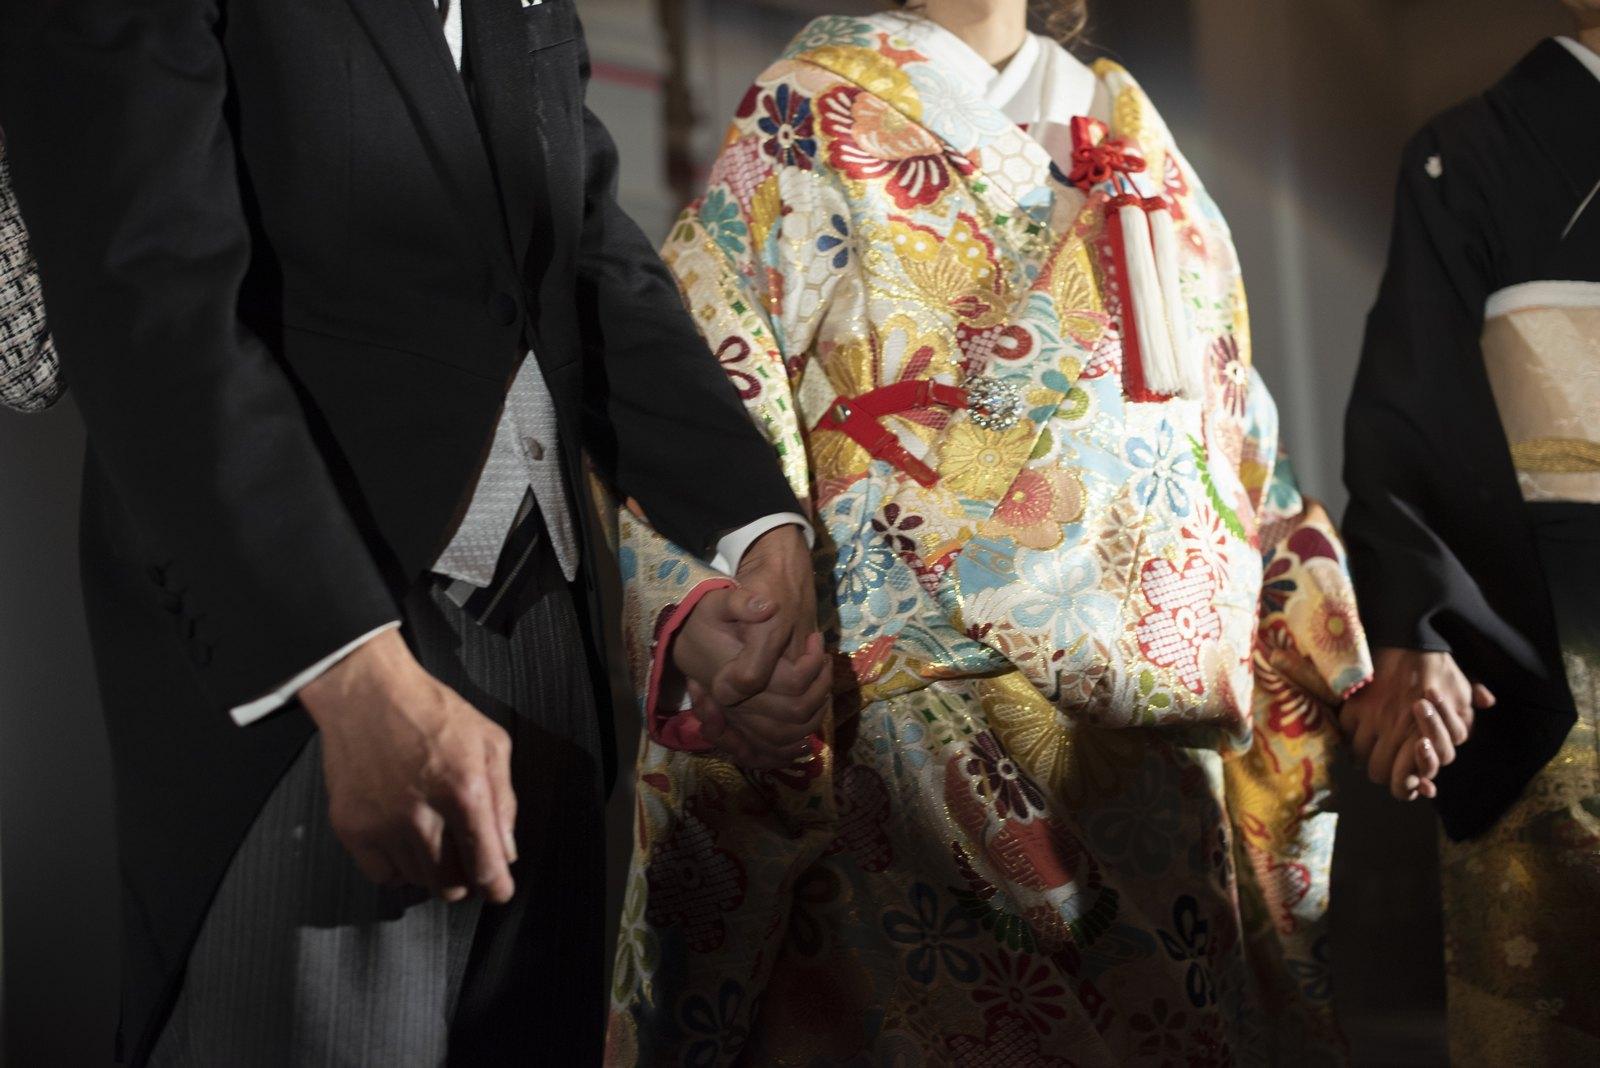 徳島市の結婚式場ブランアンジュのお色直し入場は雰囲気を変えて和装で登場